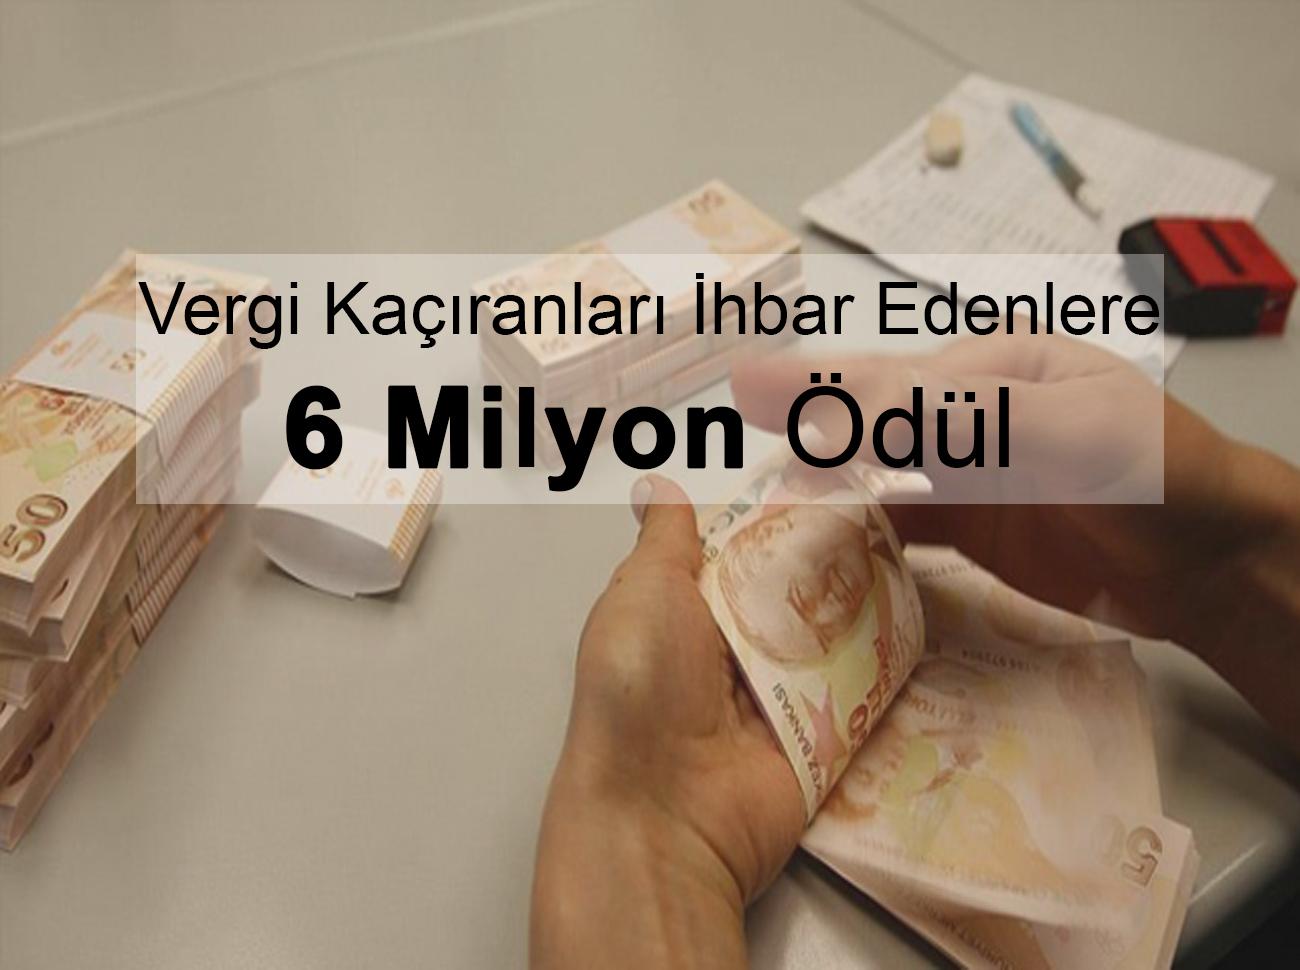 Vergi Kaçıranları İhbar Edenler 6,4 Milyon Kazandı